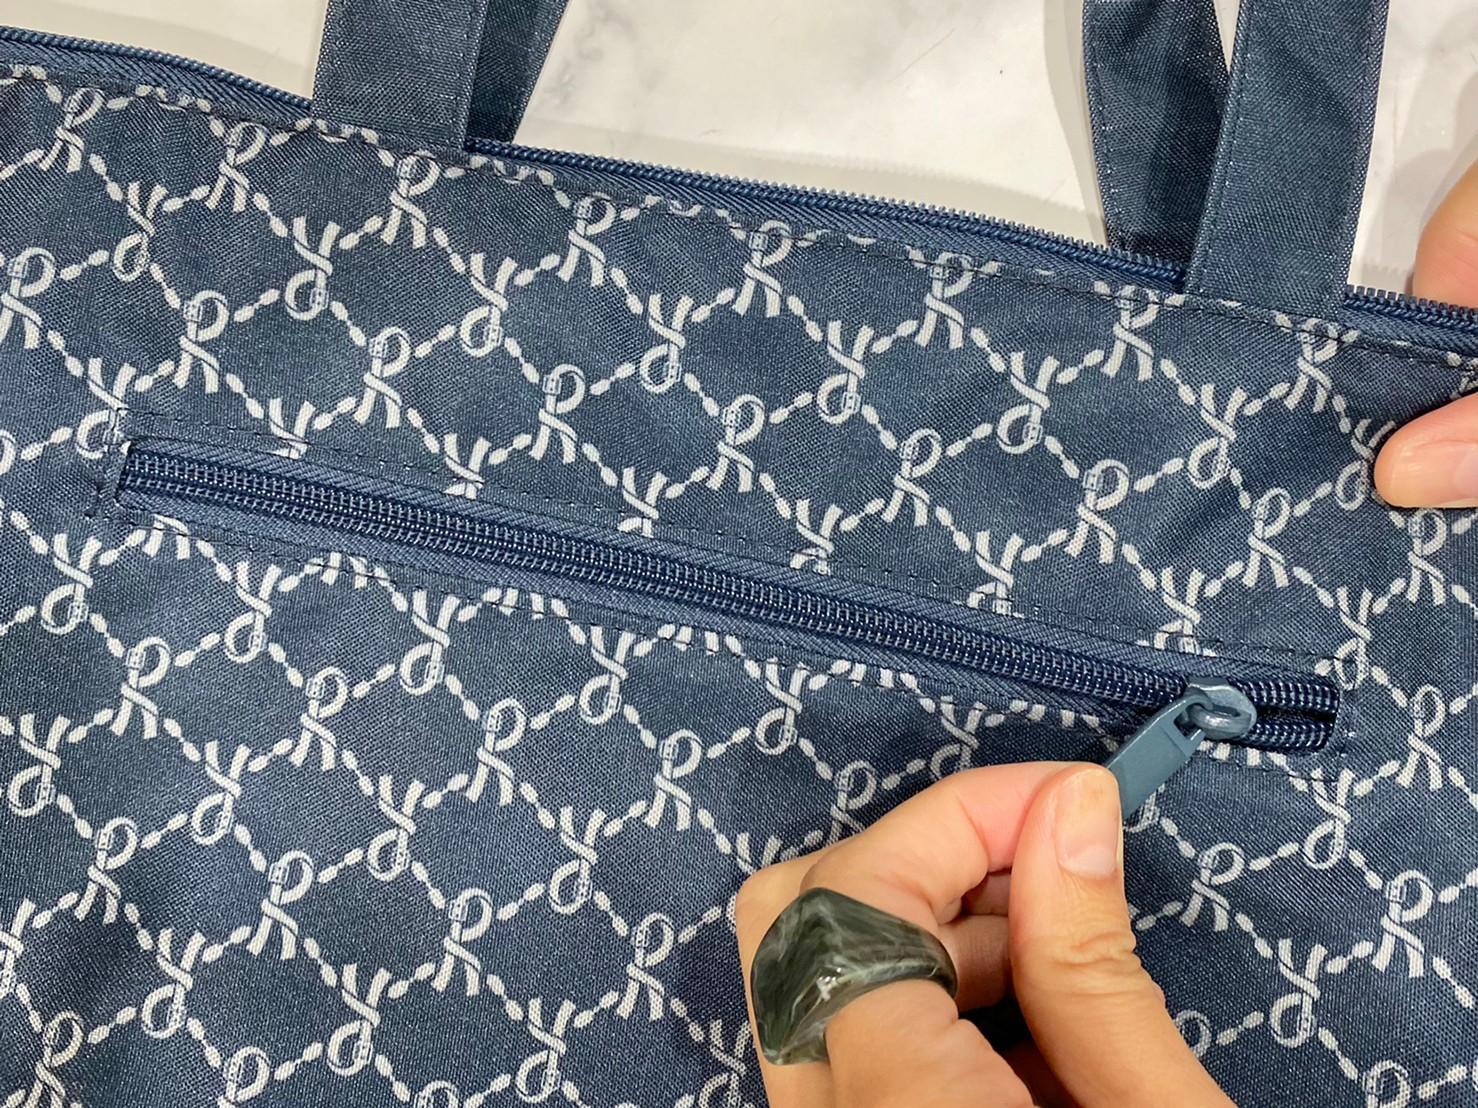 背面ポケットの画像mo09210829 width=